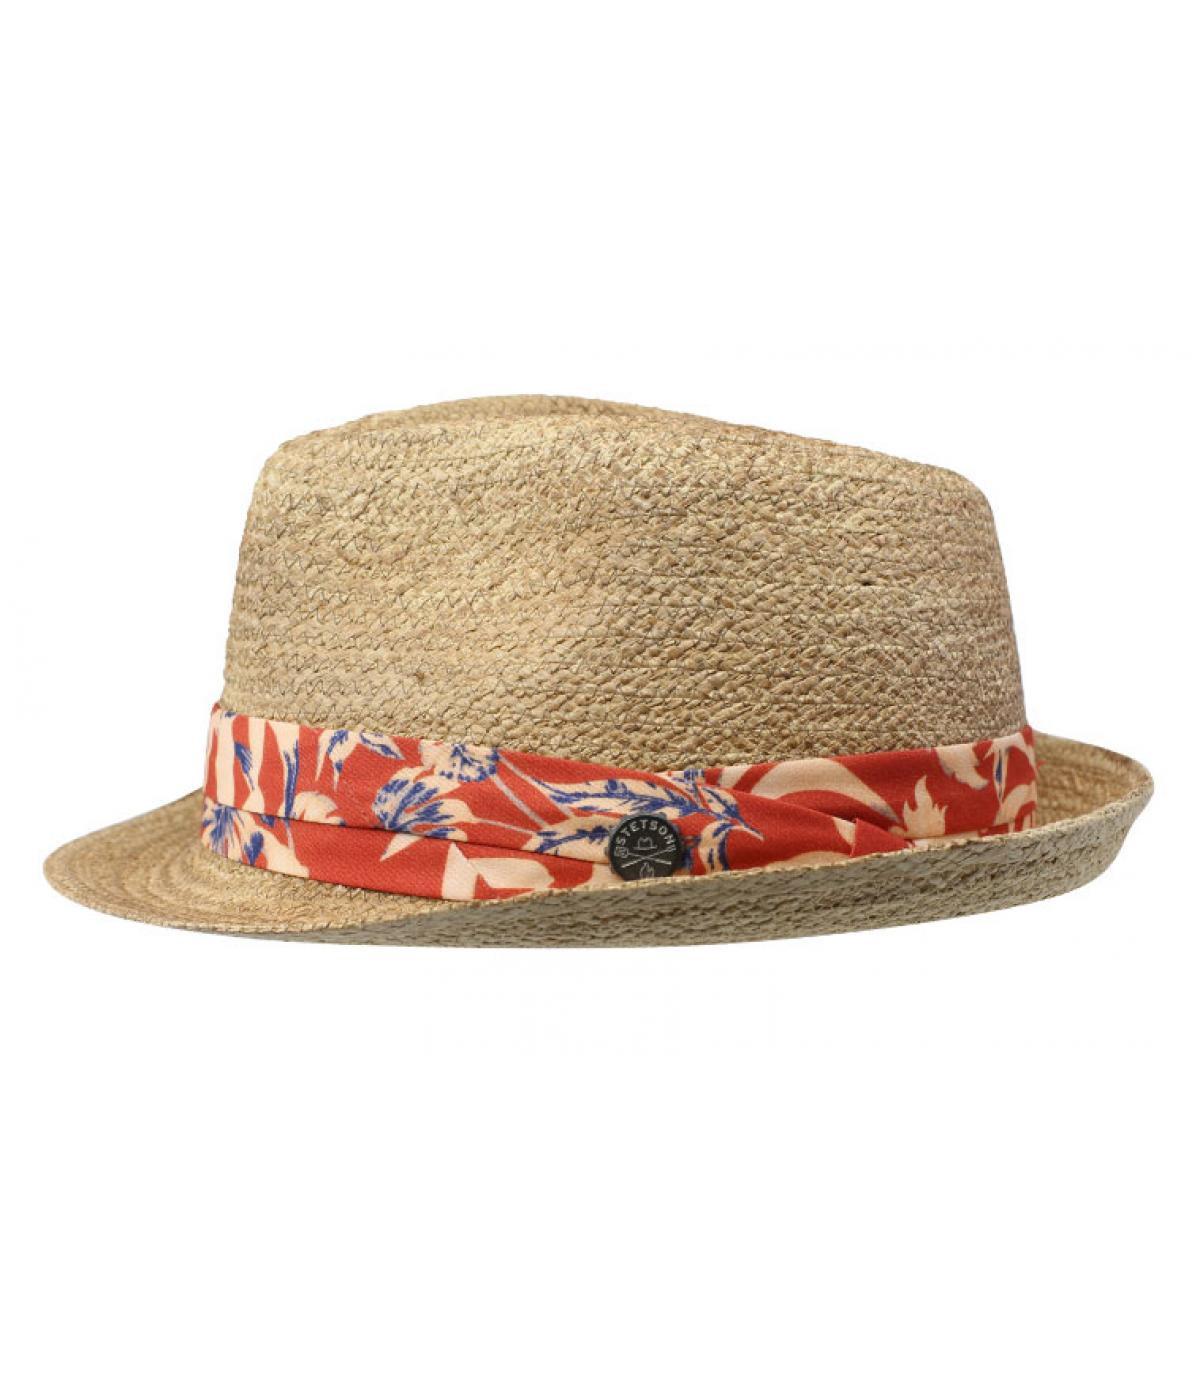 51e61f135dfda Sombrero Trilby - Compra venta de Sombreros Trilby. Primera sombrerería en  línea. Entrega en 48 72horas.